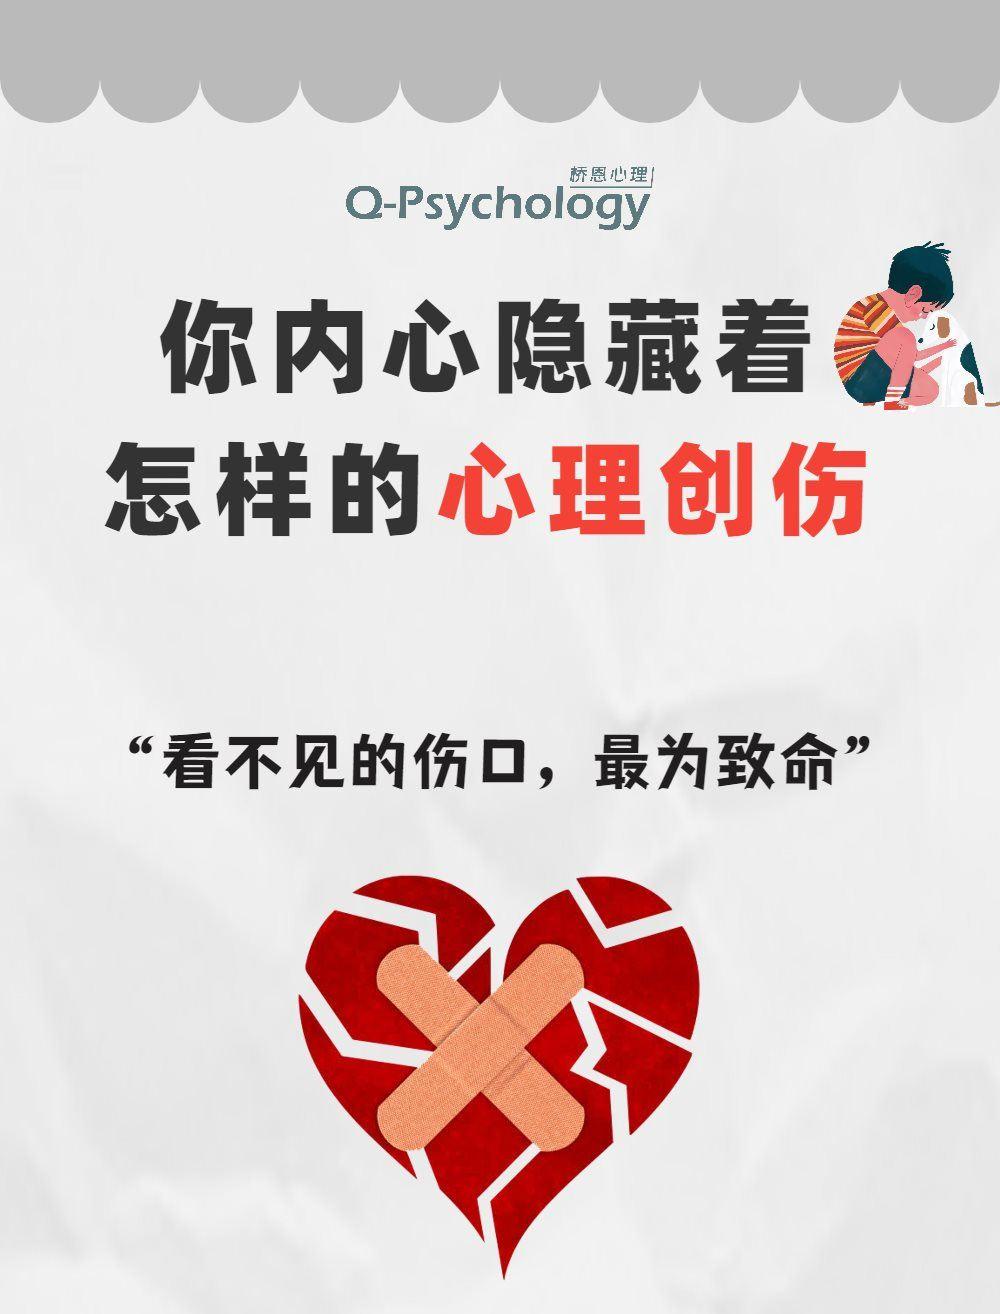 (不要删谢谢)你内心隐藏着怎样的心理创伤?-1.png